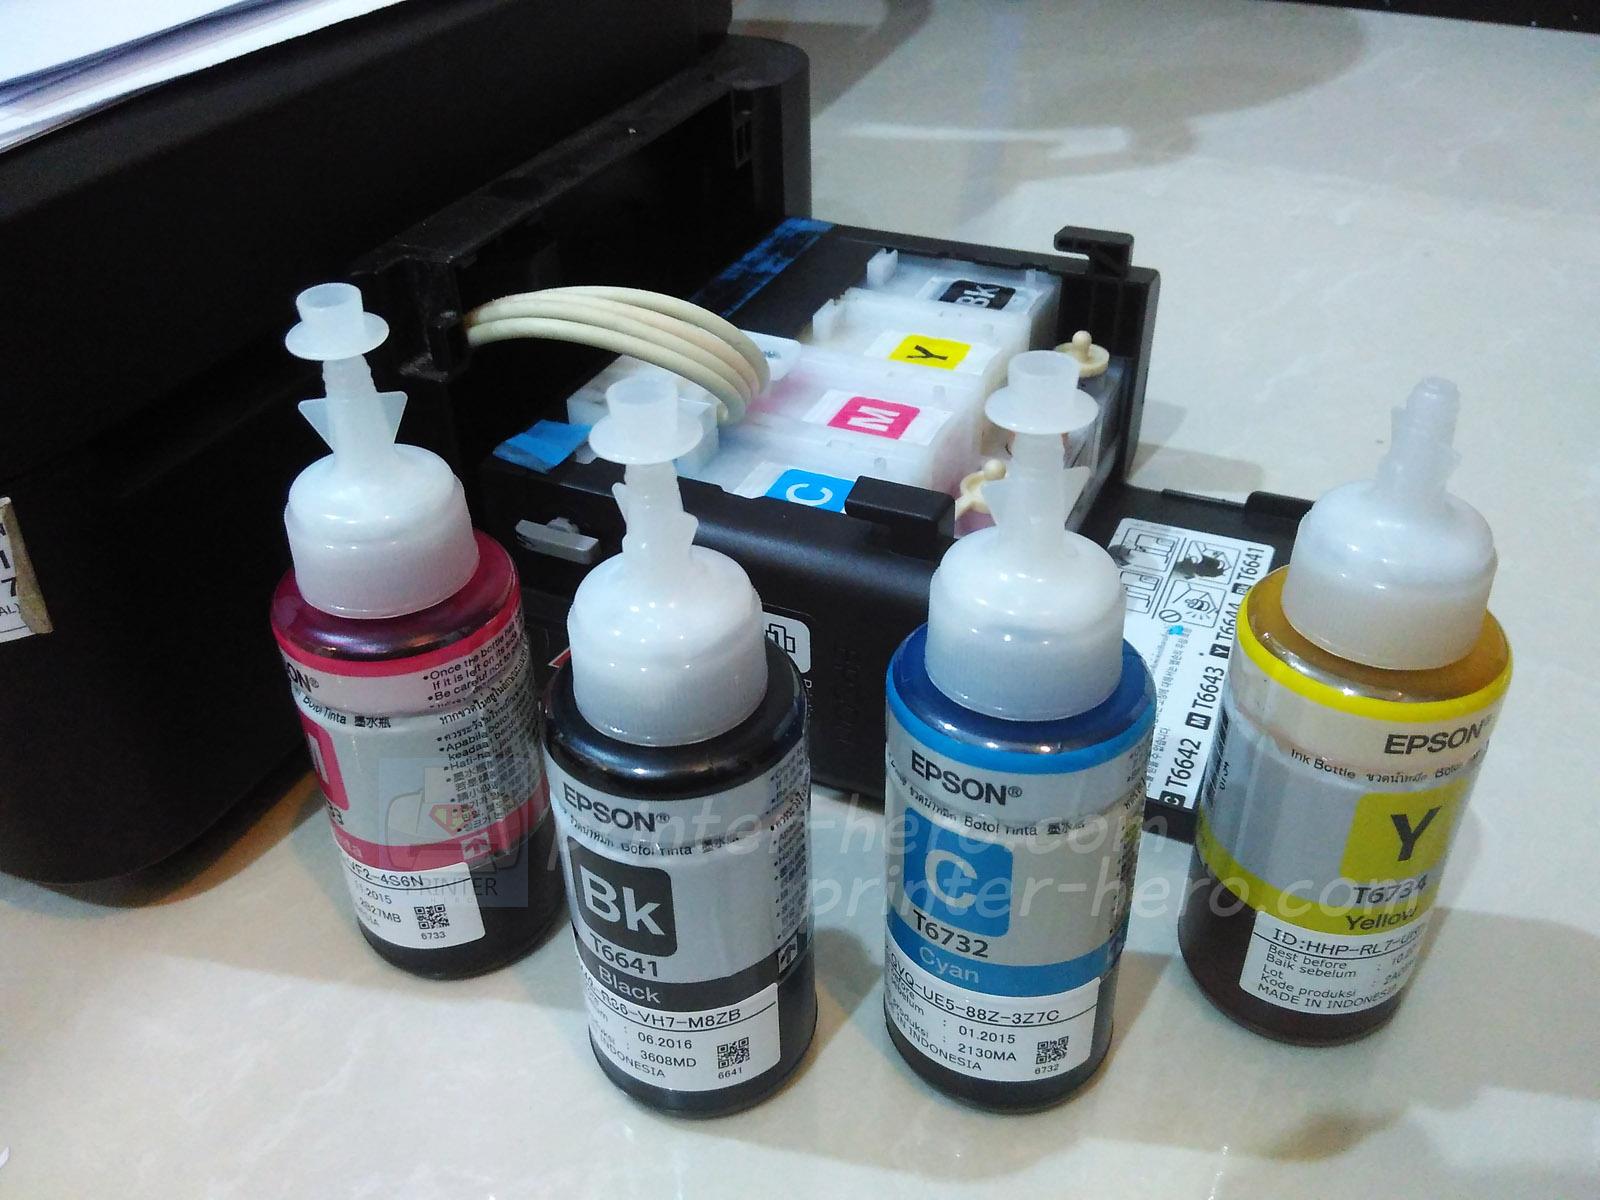 Kode Serial Number Tinta Epson L Series Printer Heroes T664 L100 L110 L120 L200 Lseries Berada Pada Botol Original Tersebut Biasanya Di Bagian Belakang Dengan Tulisan